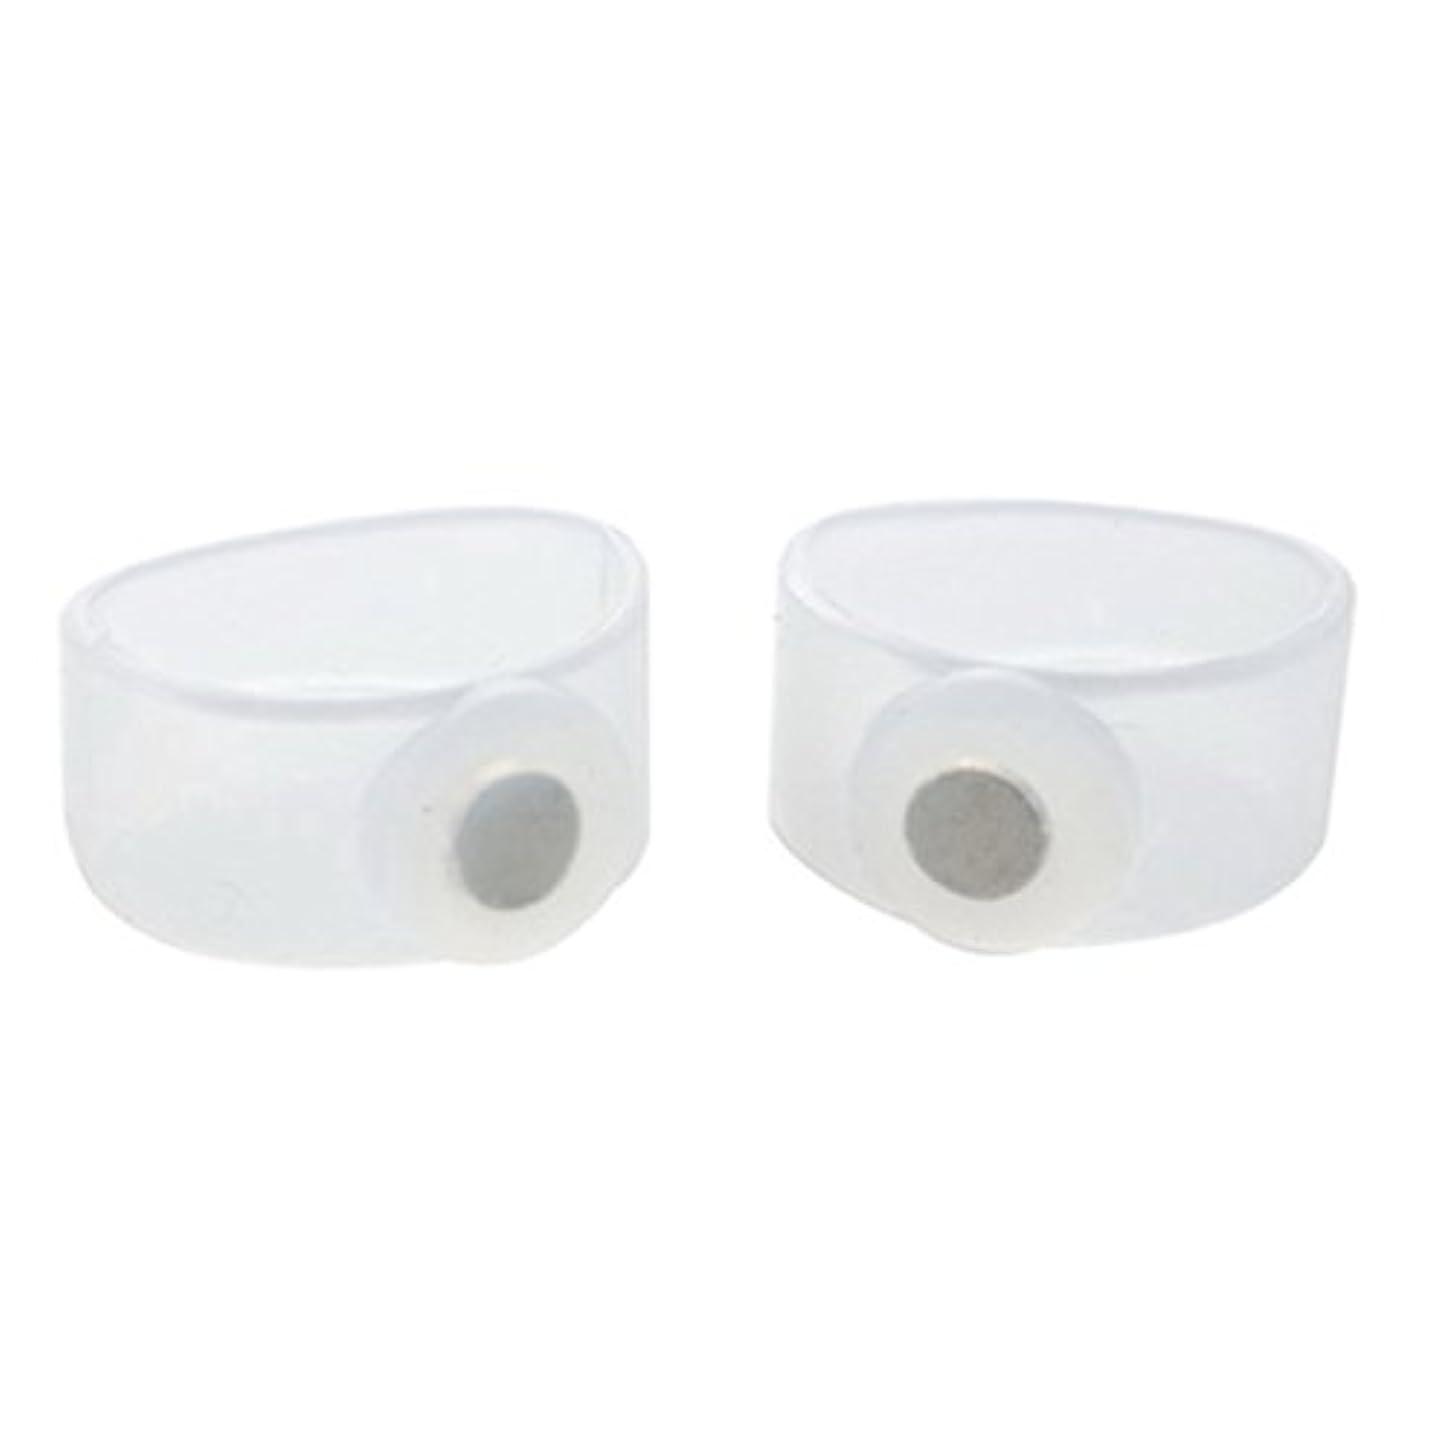 特徴にじみ出るタイムリーな2ピースSlim身シリコン磁気フットマッサージャーマッサージリラックストーリング減量ヘルスケアツール美容製品-透明